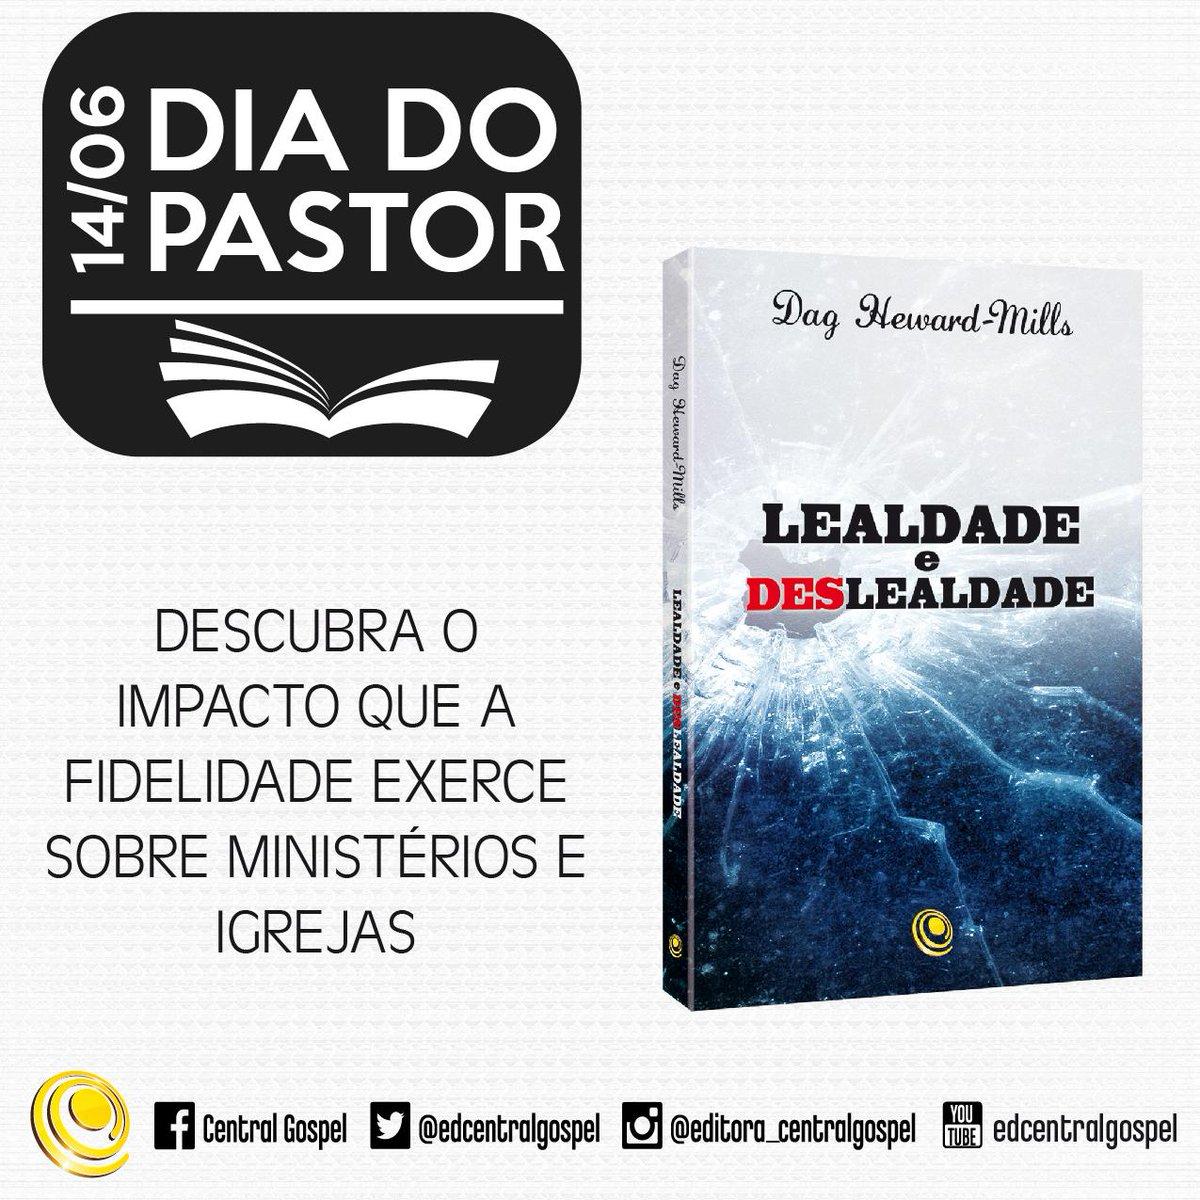 #DiaDoPastor O presente para o seu pastor e pastora está aqui!  ☛ http://t.co/C3JUwjrPOx  #Livro #DicaDeLeitura http://t.co/M3RU02AXY9